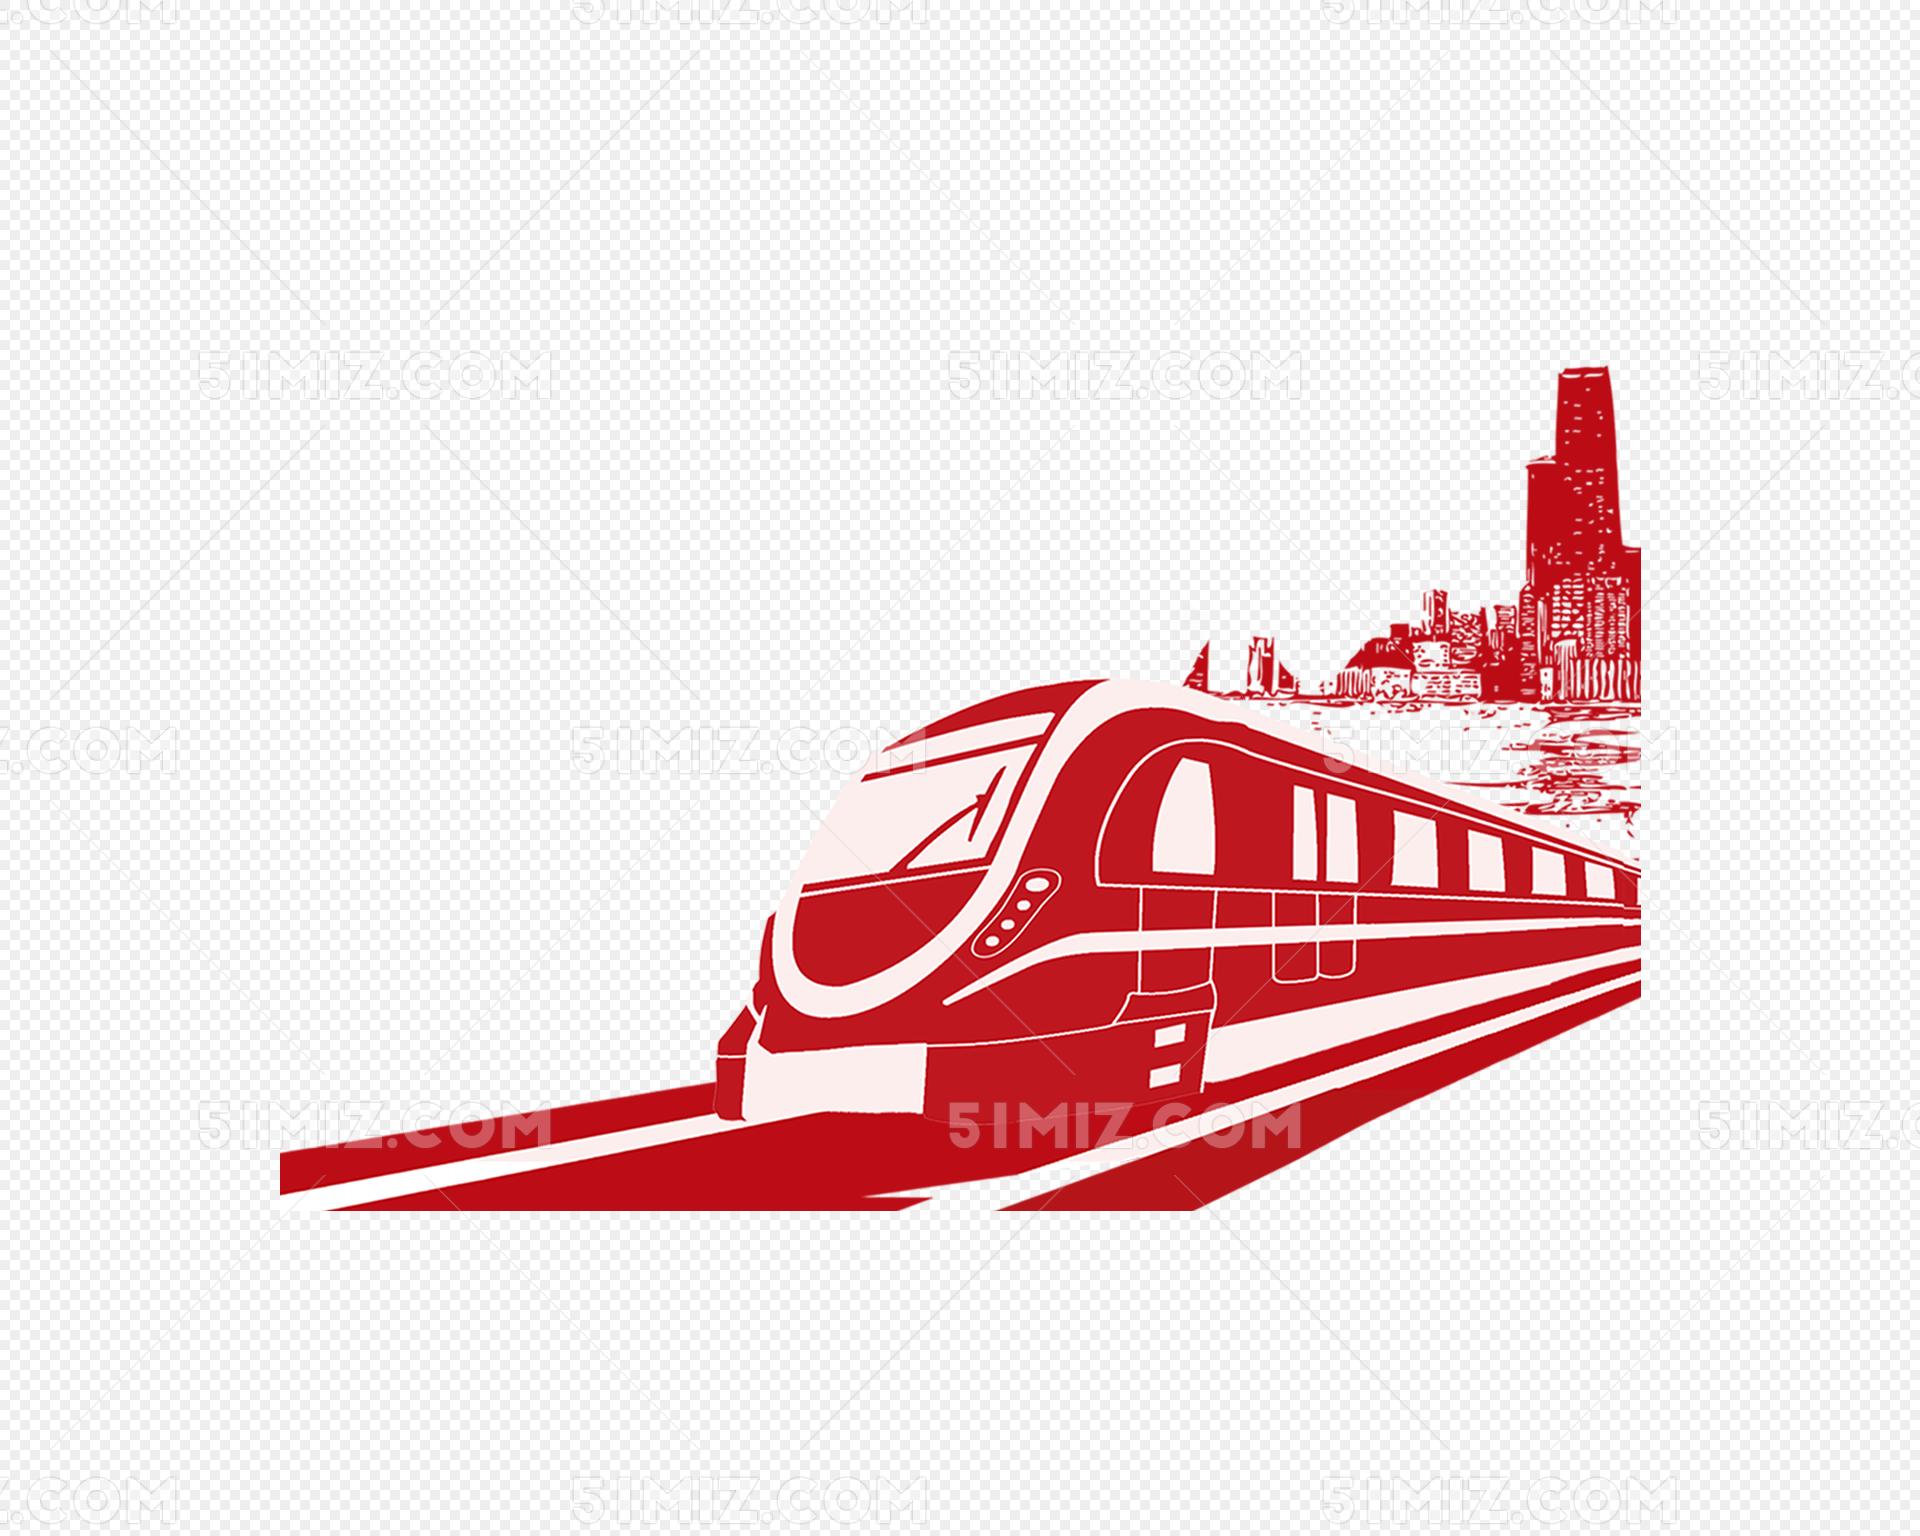 红色手绘卡通火车高铁图片素材免费下载_觅知网